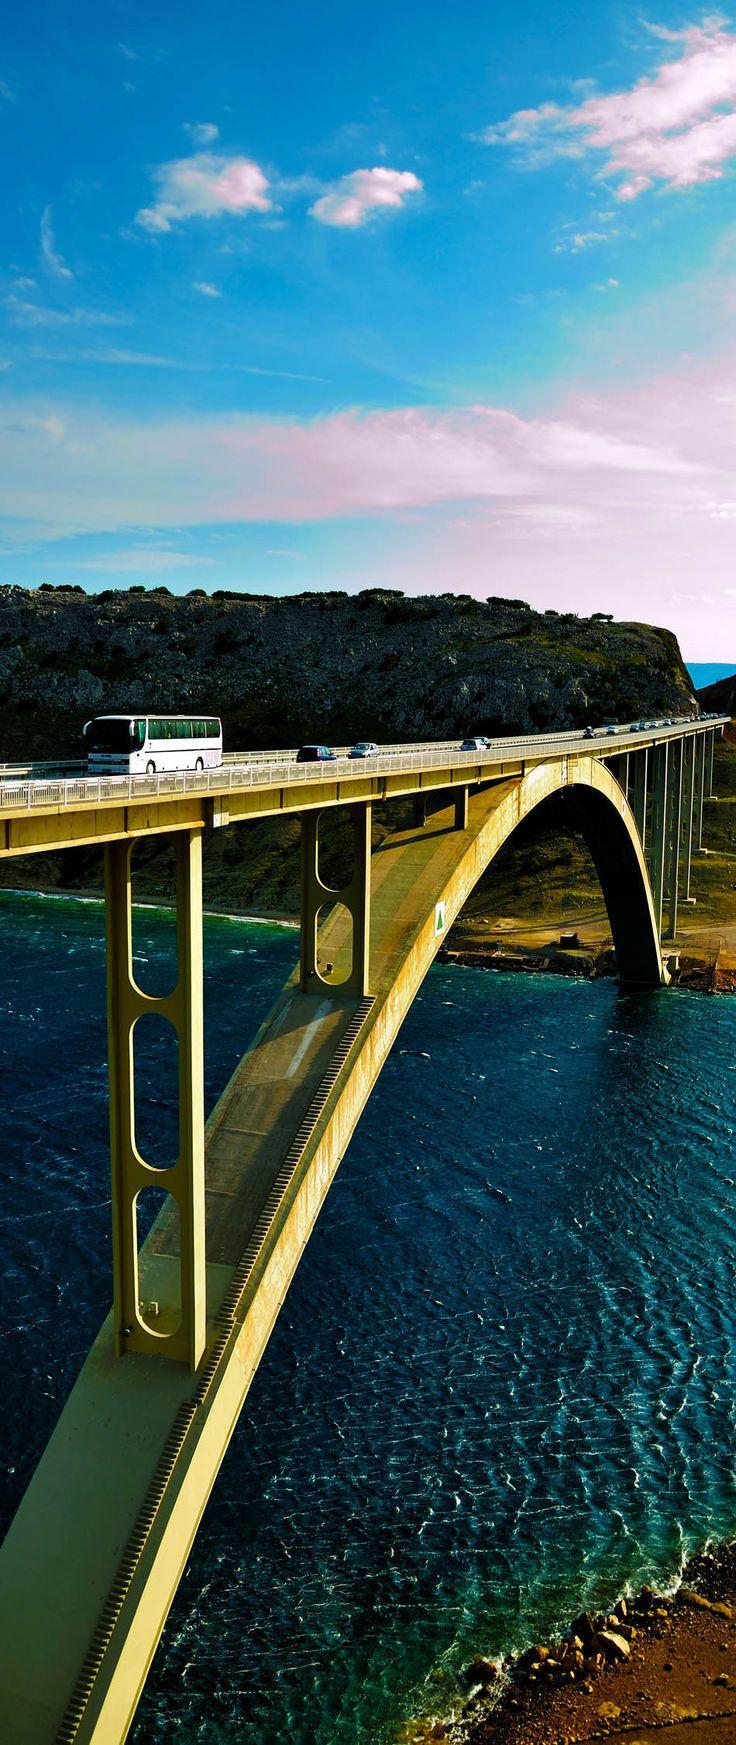 horvátország, horvát tengerpart, horvát térkép, horvátország autópálya térkép, horvát, Istria Tours